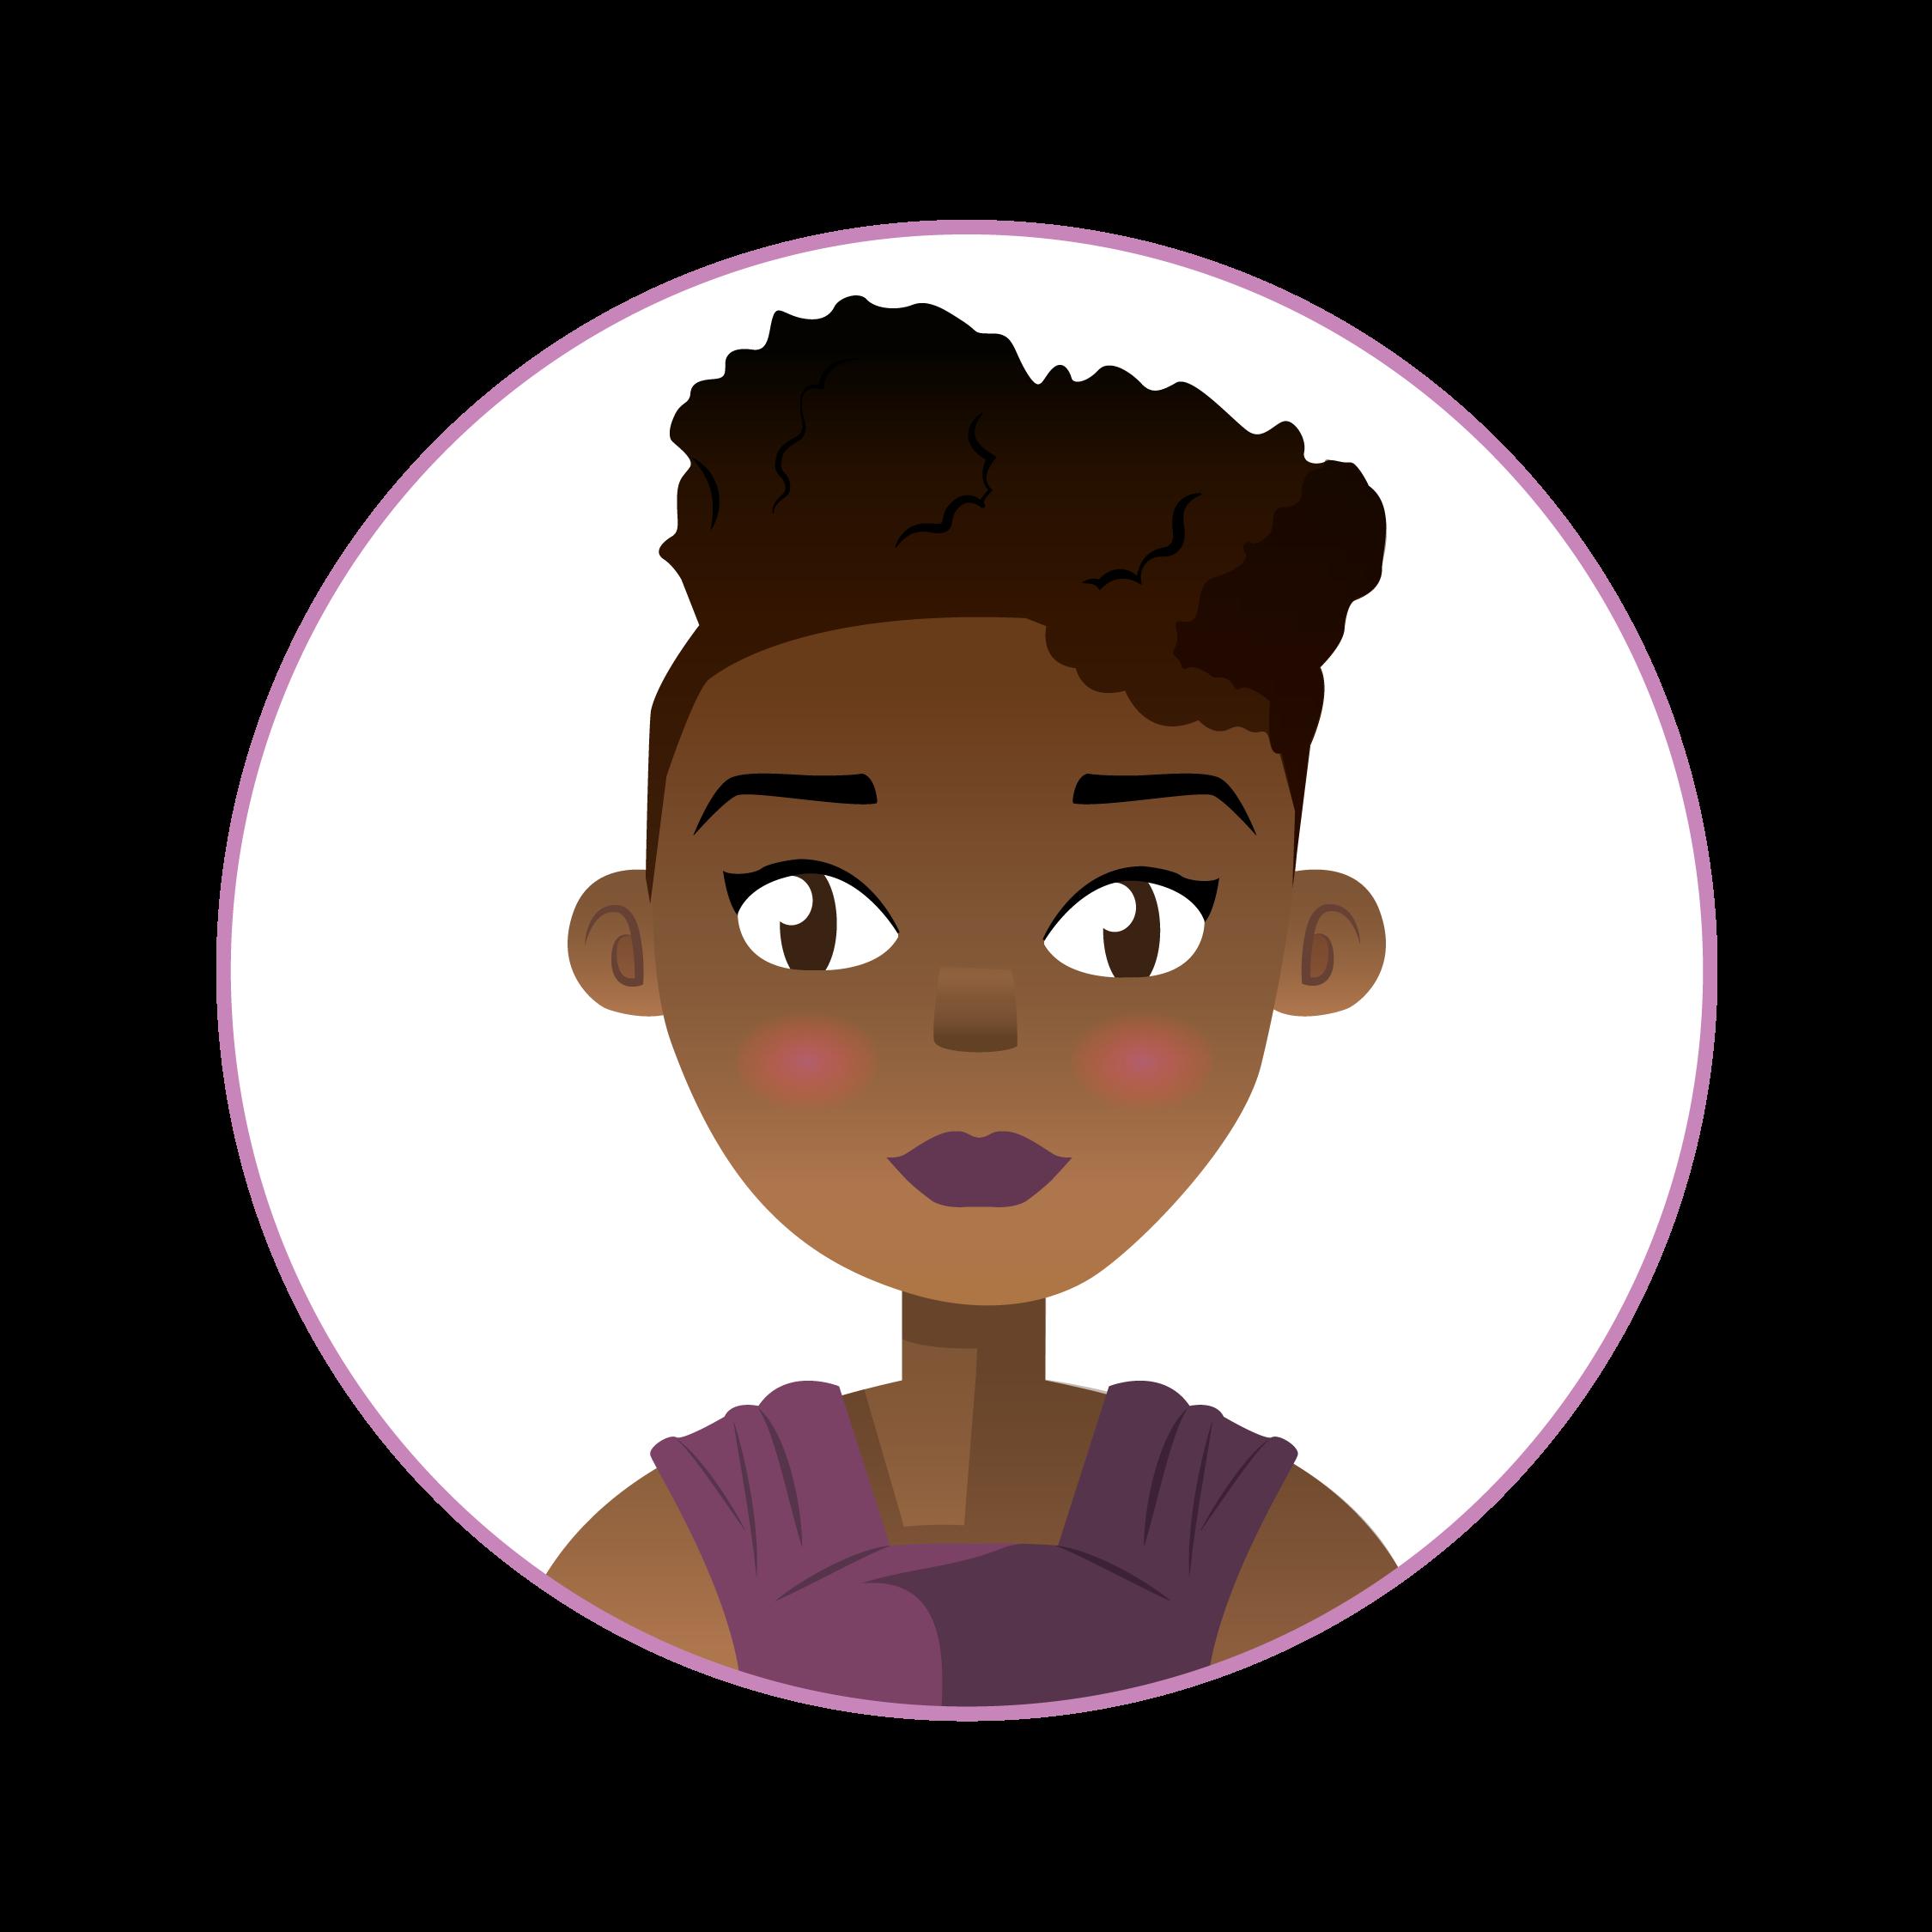 Girl Character 2